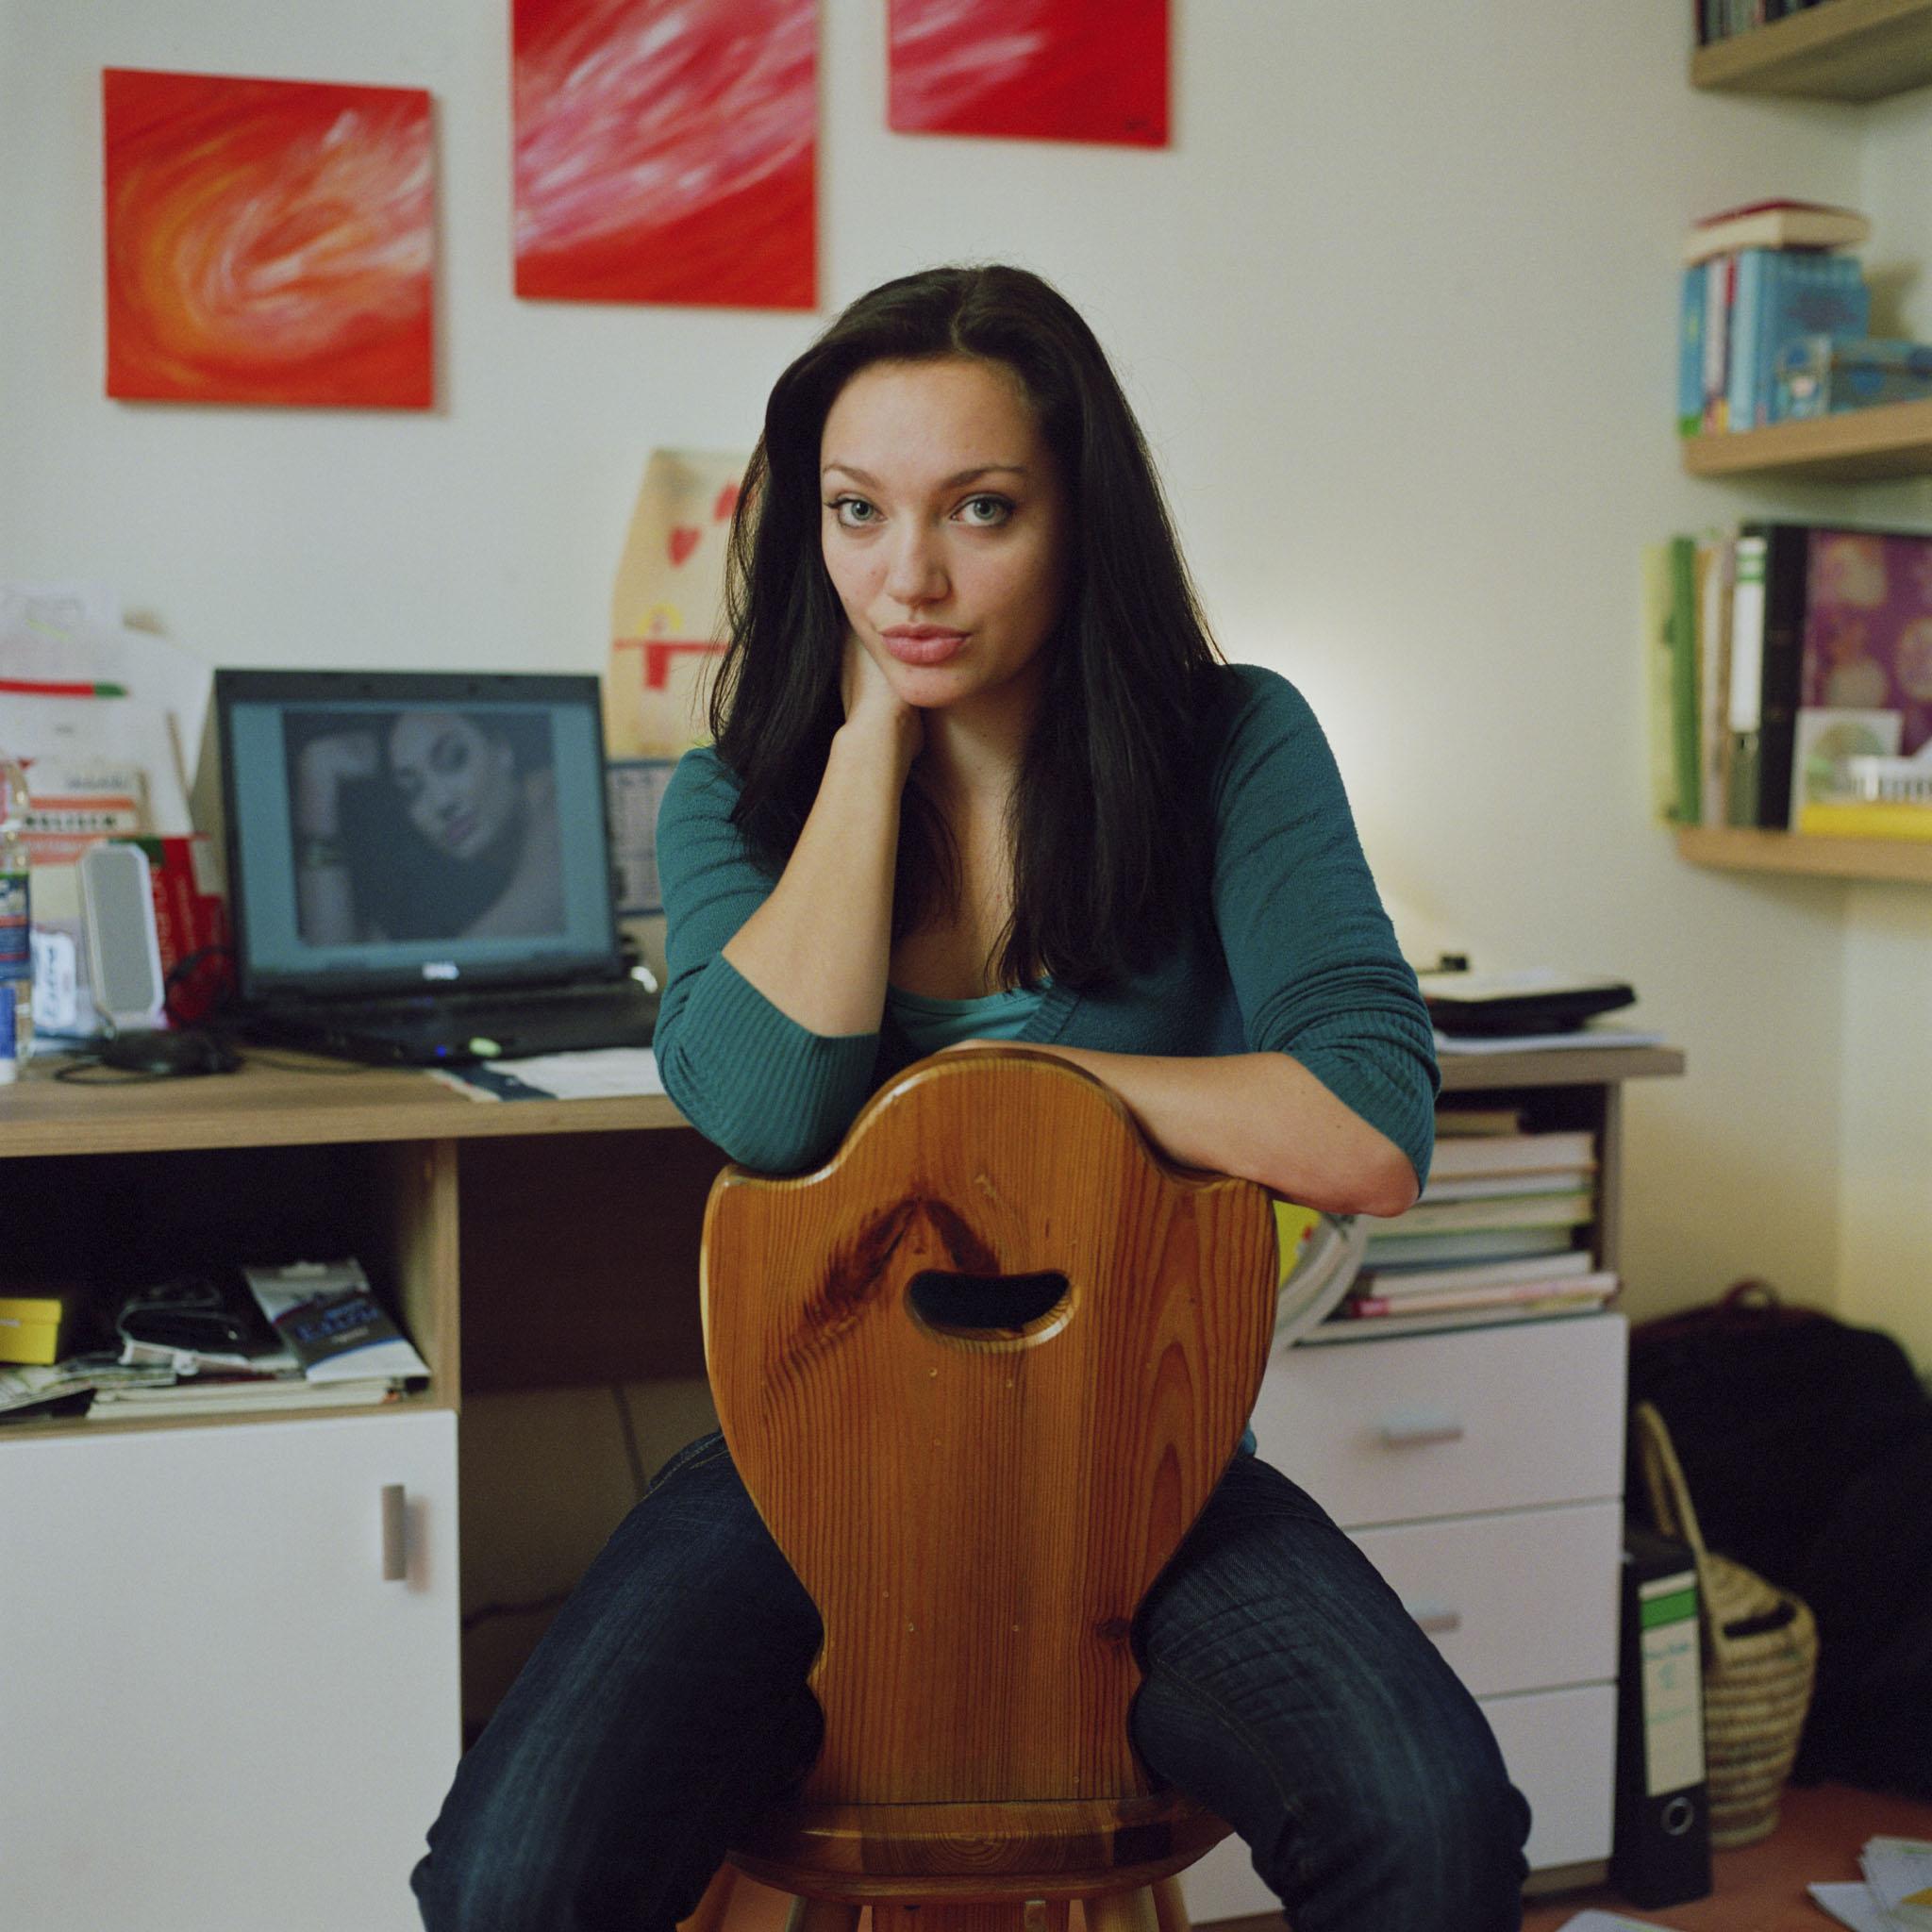 Olivia Preisser alias Angelina Jolie